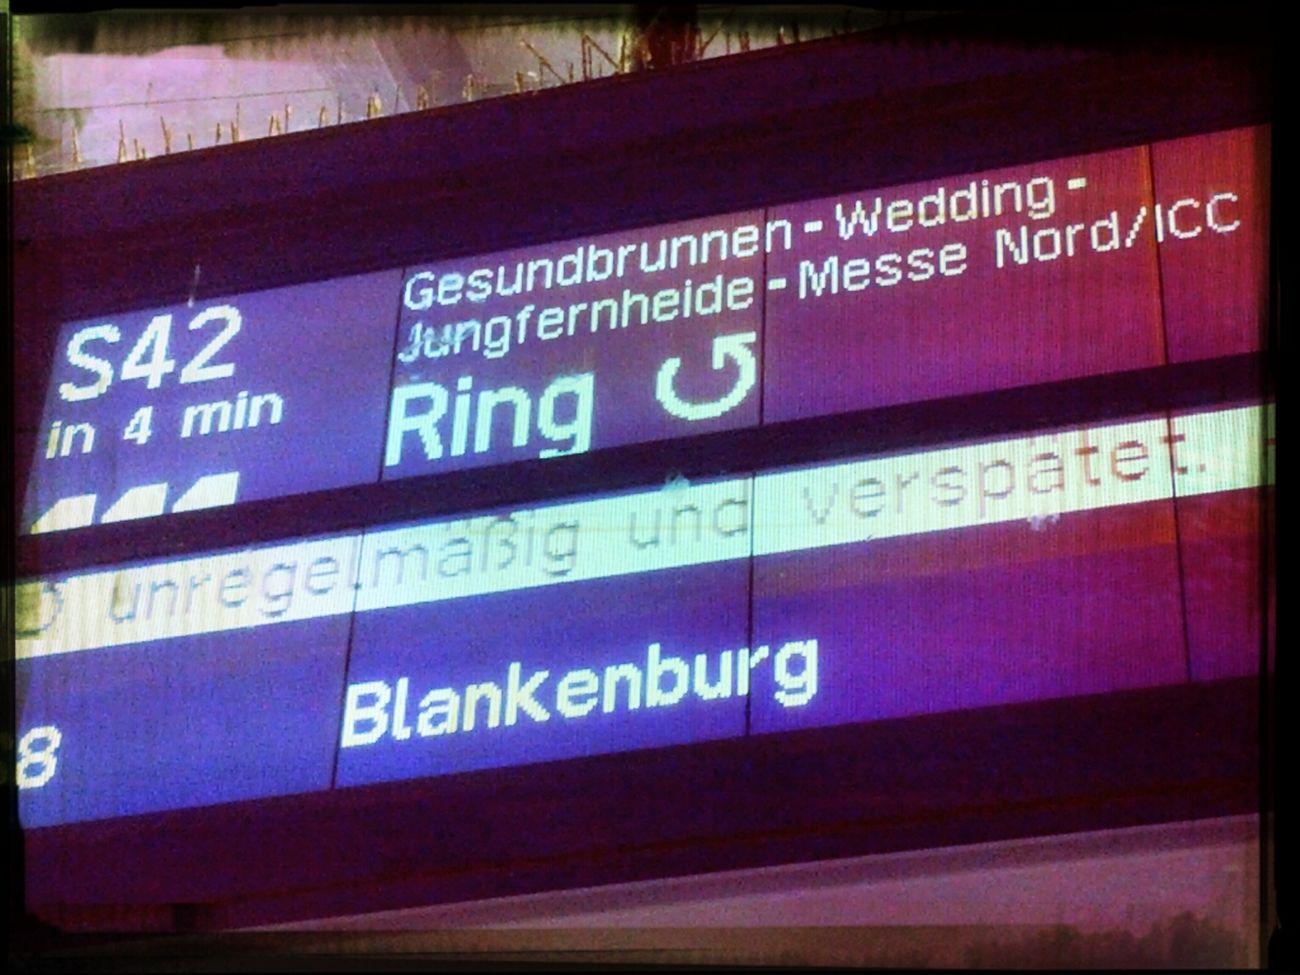 Commuting Sbahn Verspätet Unregelmäßig